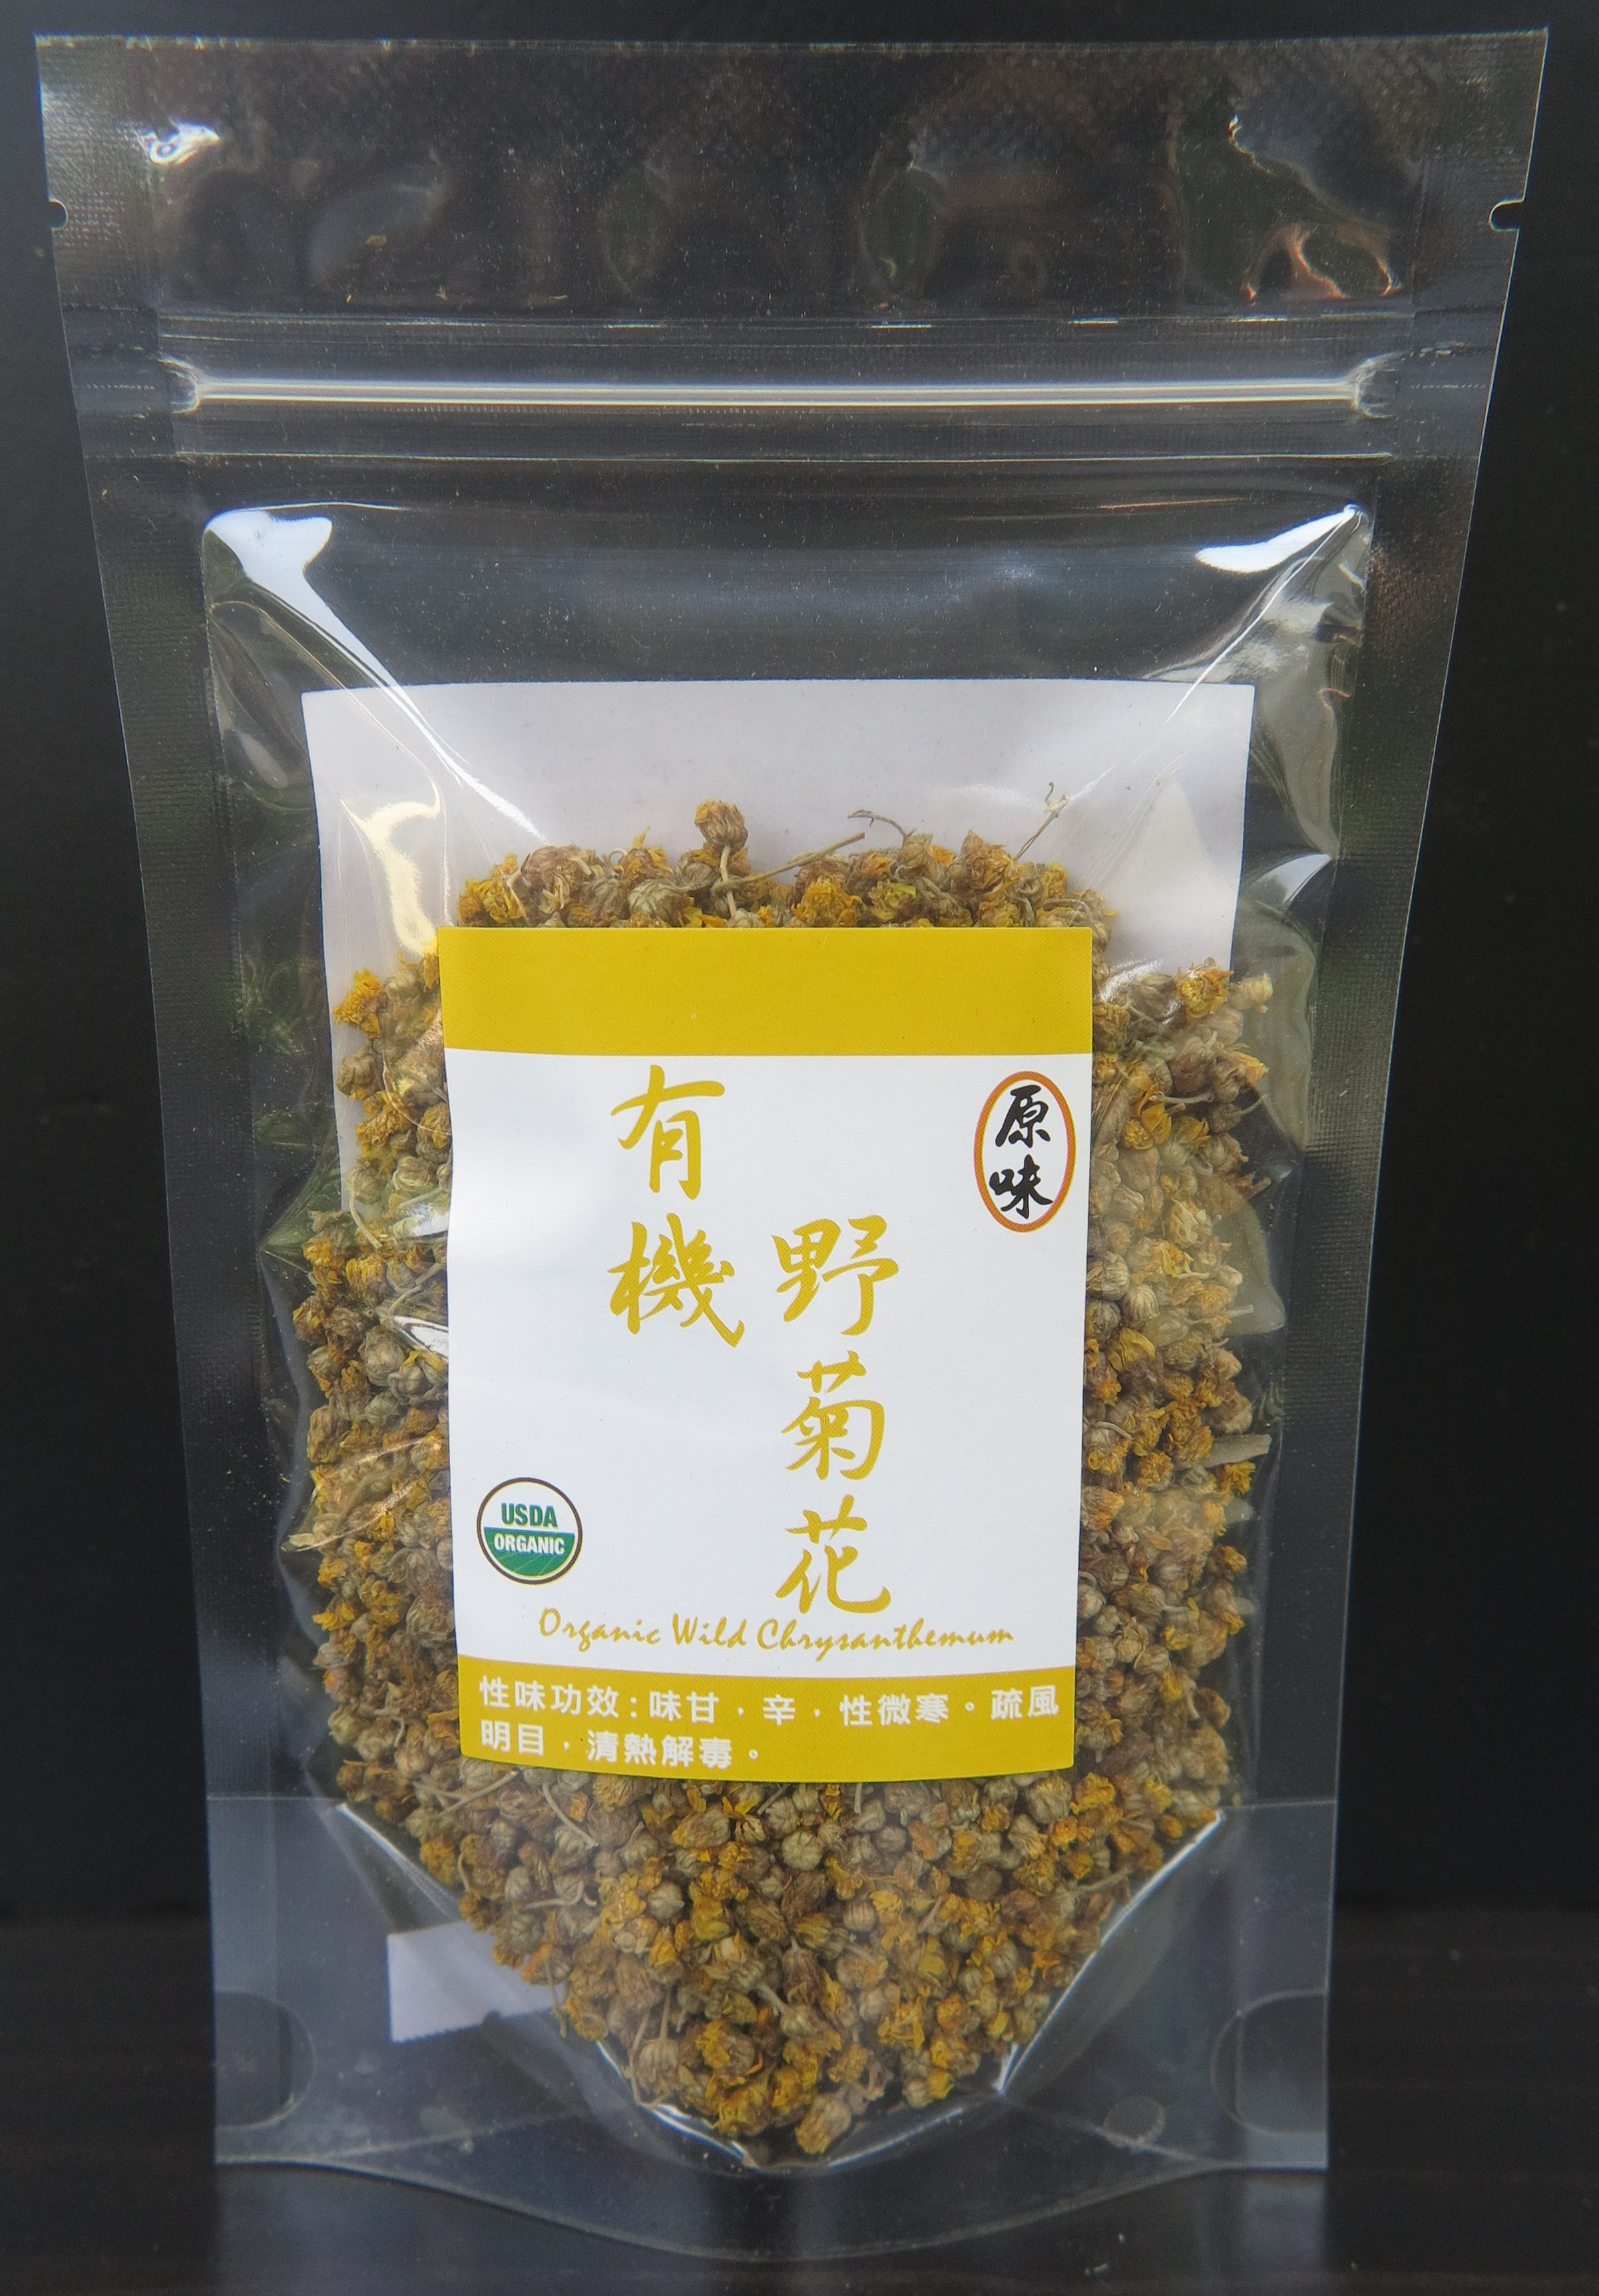 有機野菊花 Organic Wild Chrysanthemum